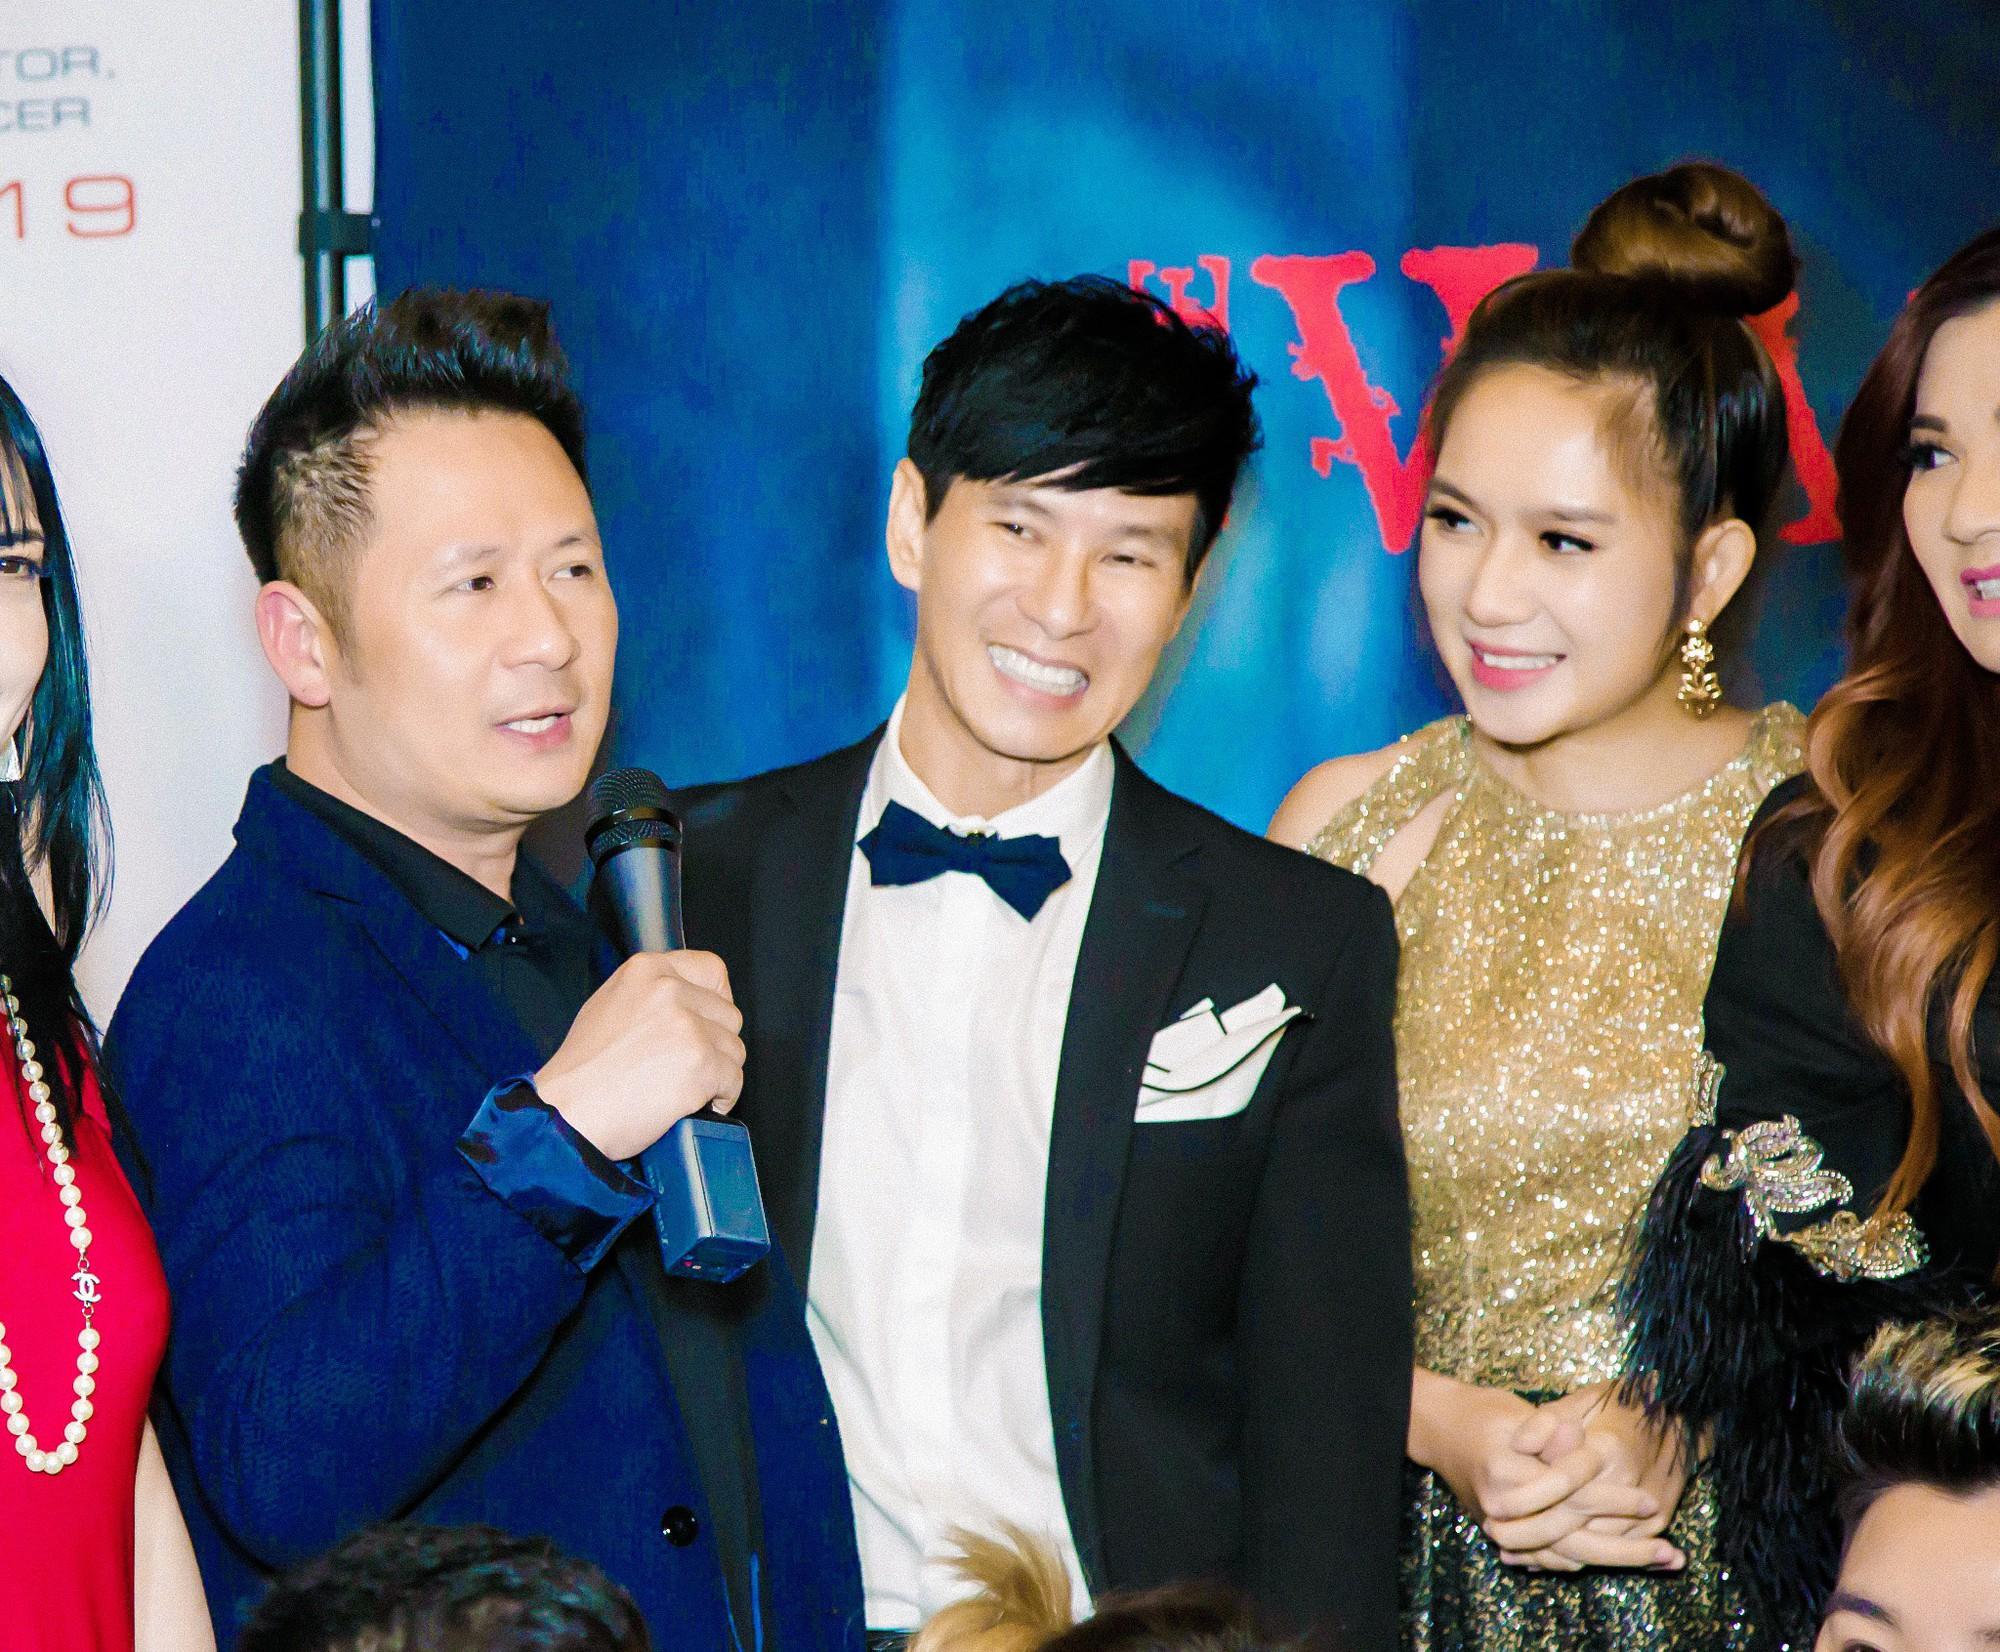 Vợ chồng Lý Hải - Minh Hà rạng rỡ trong ngày đưa phim sang Mỹ - Ảnh 6.